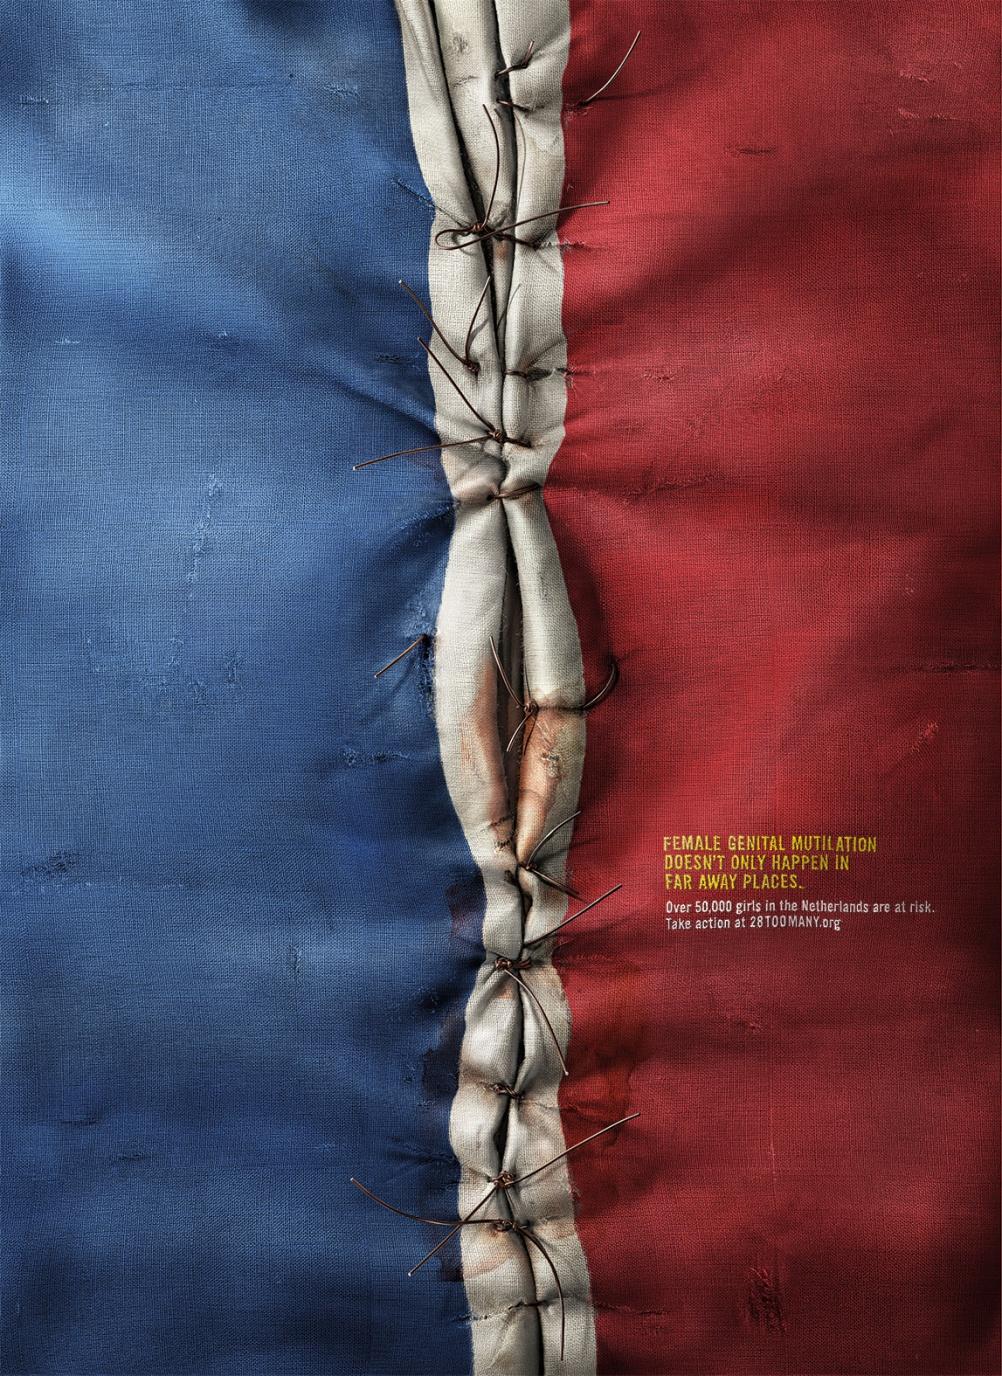 It Happens Here campaign - Dutch flag